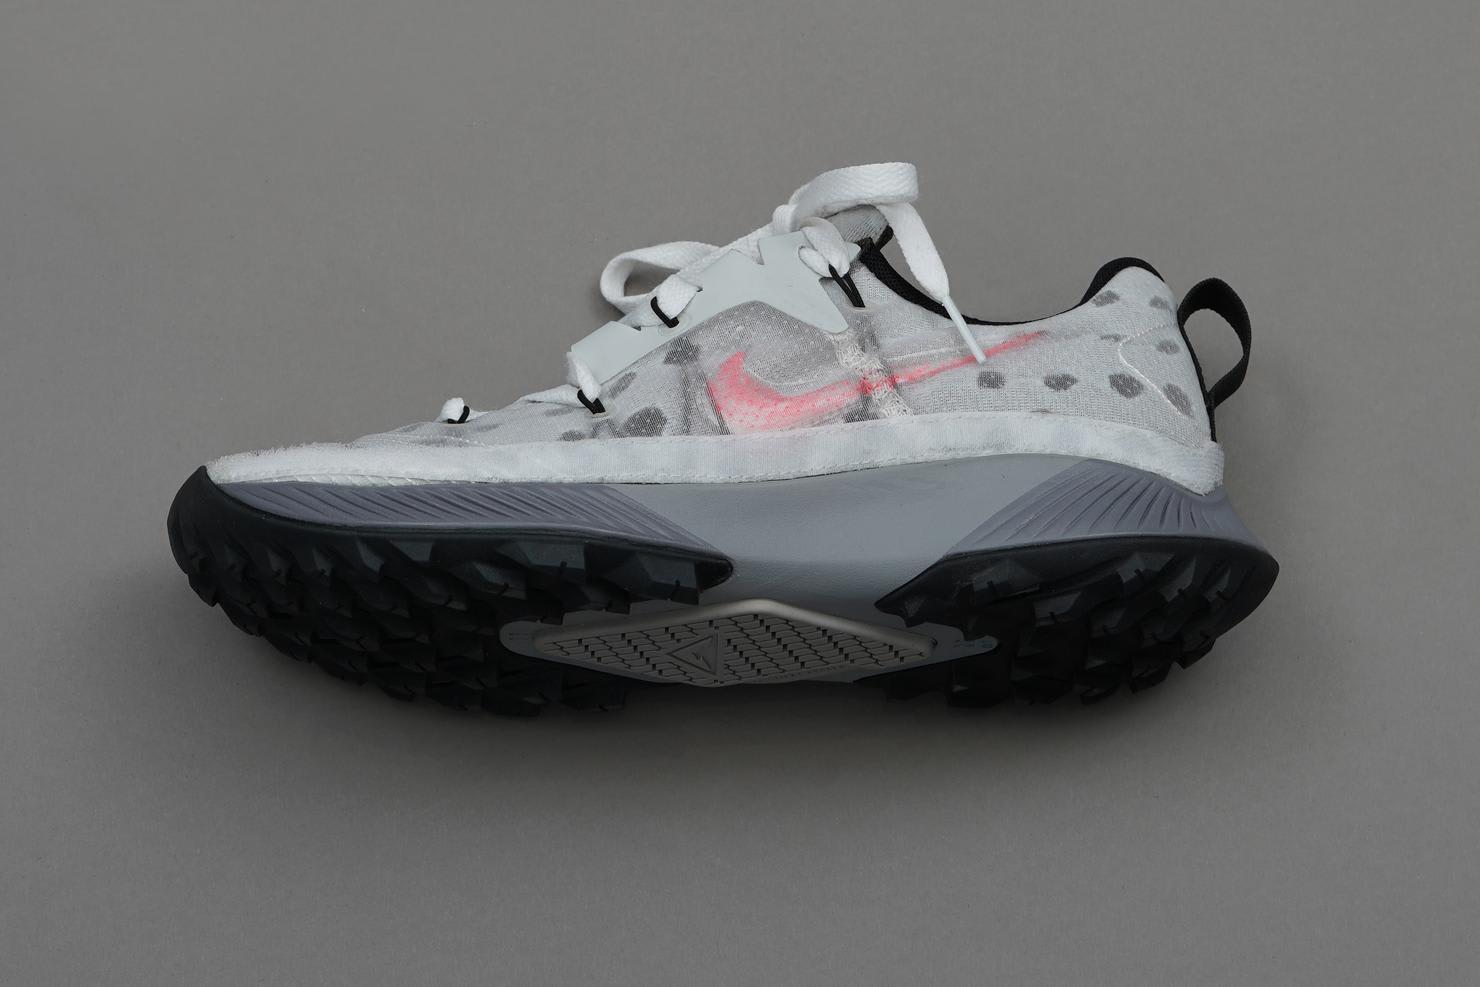 Off-White x Nike Zoom Terra Kiger Prototype